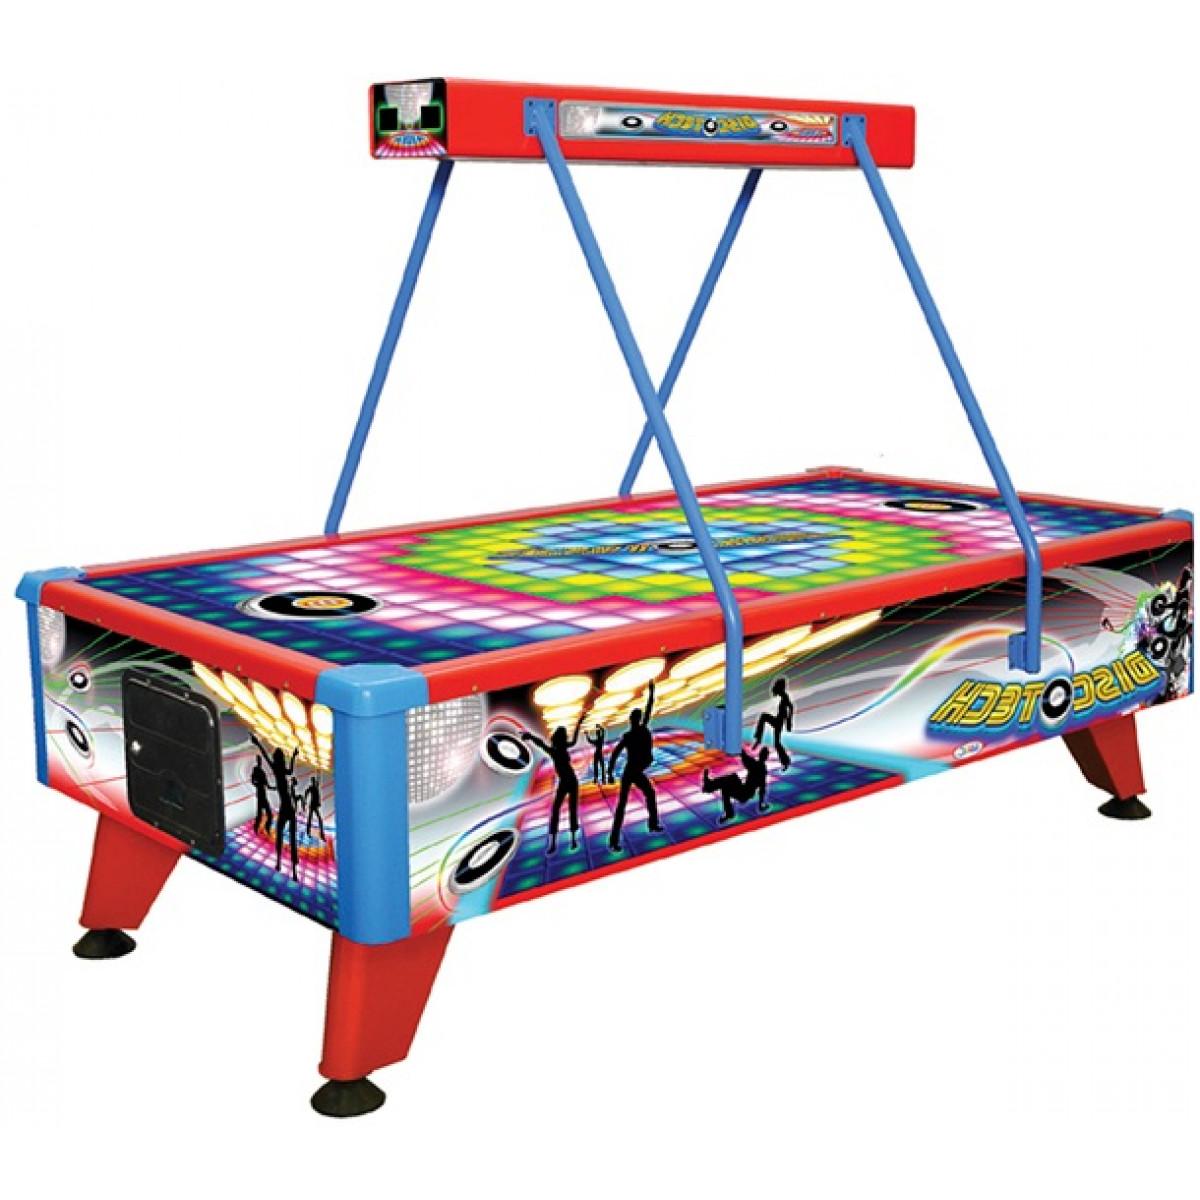 2cde2c6c56 Aero Hockey   Air Game - Disco Tech - Jogos Eletrônicos - Cód. 1429 ...